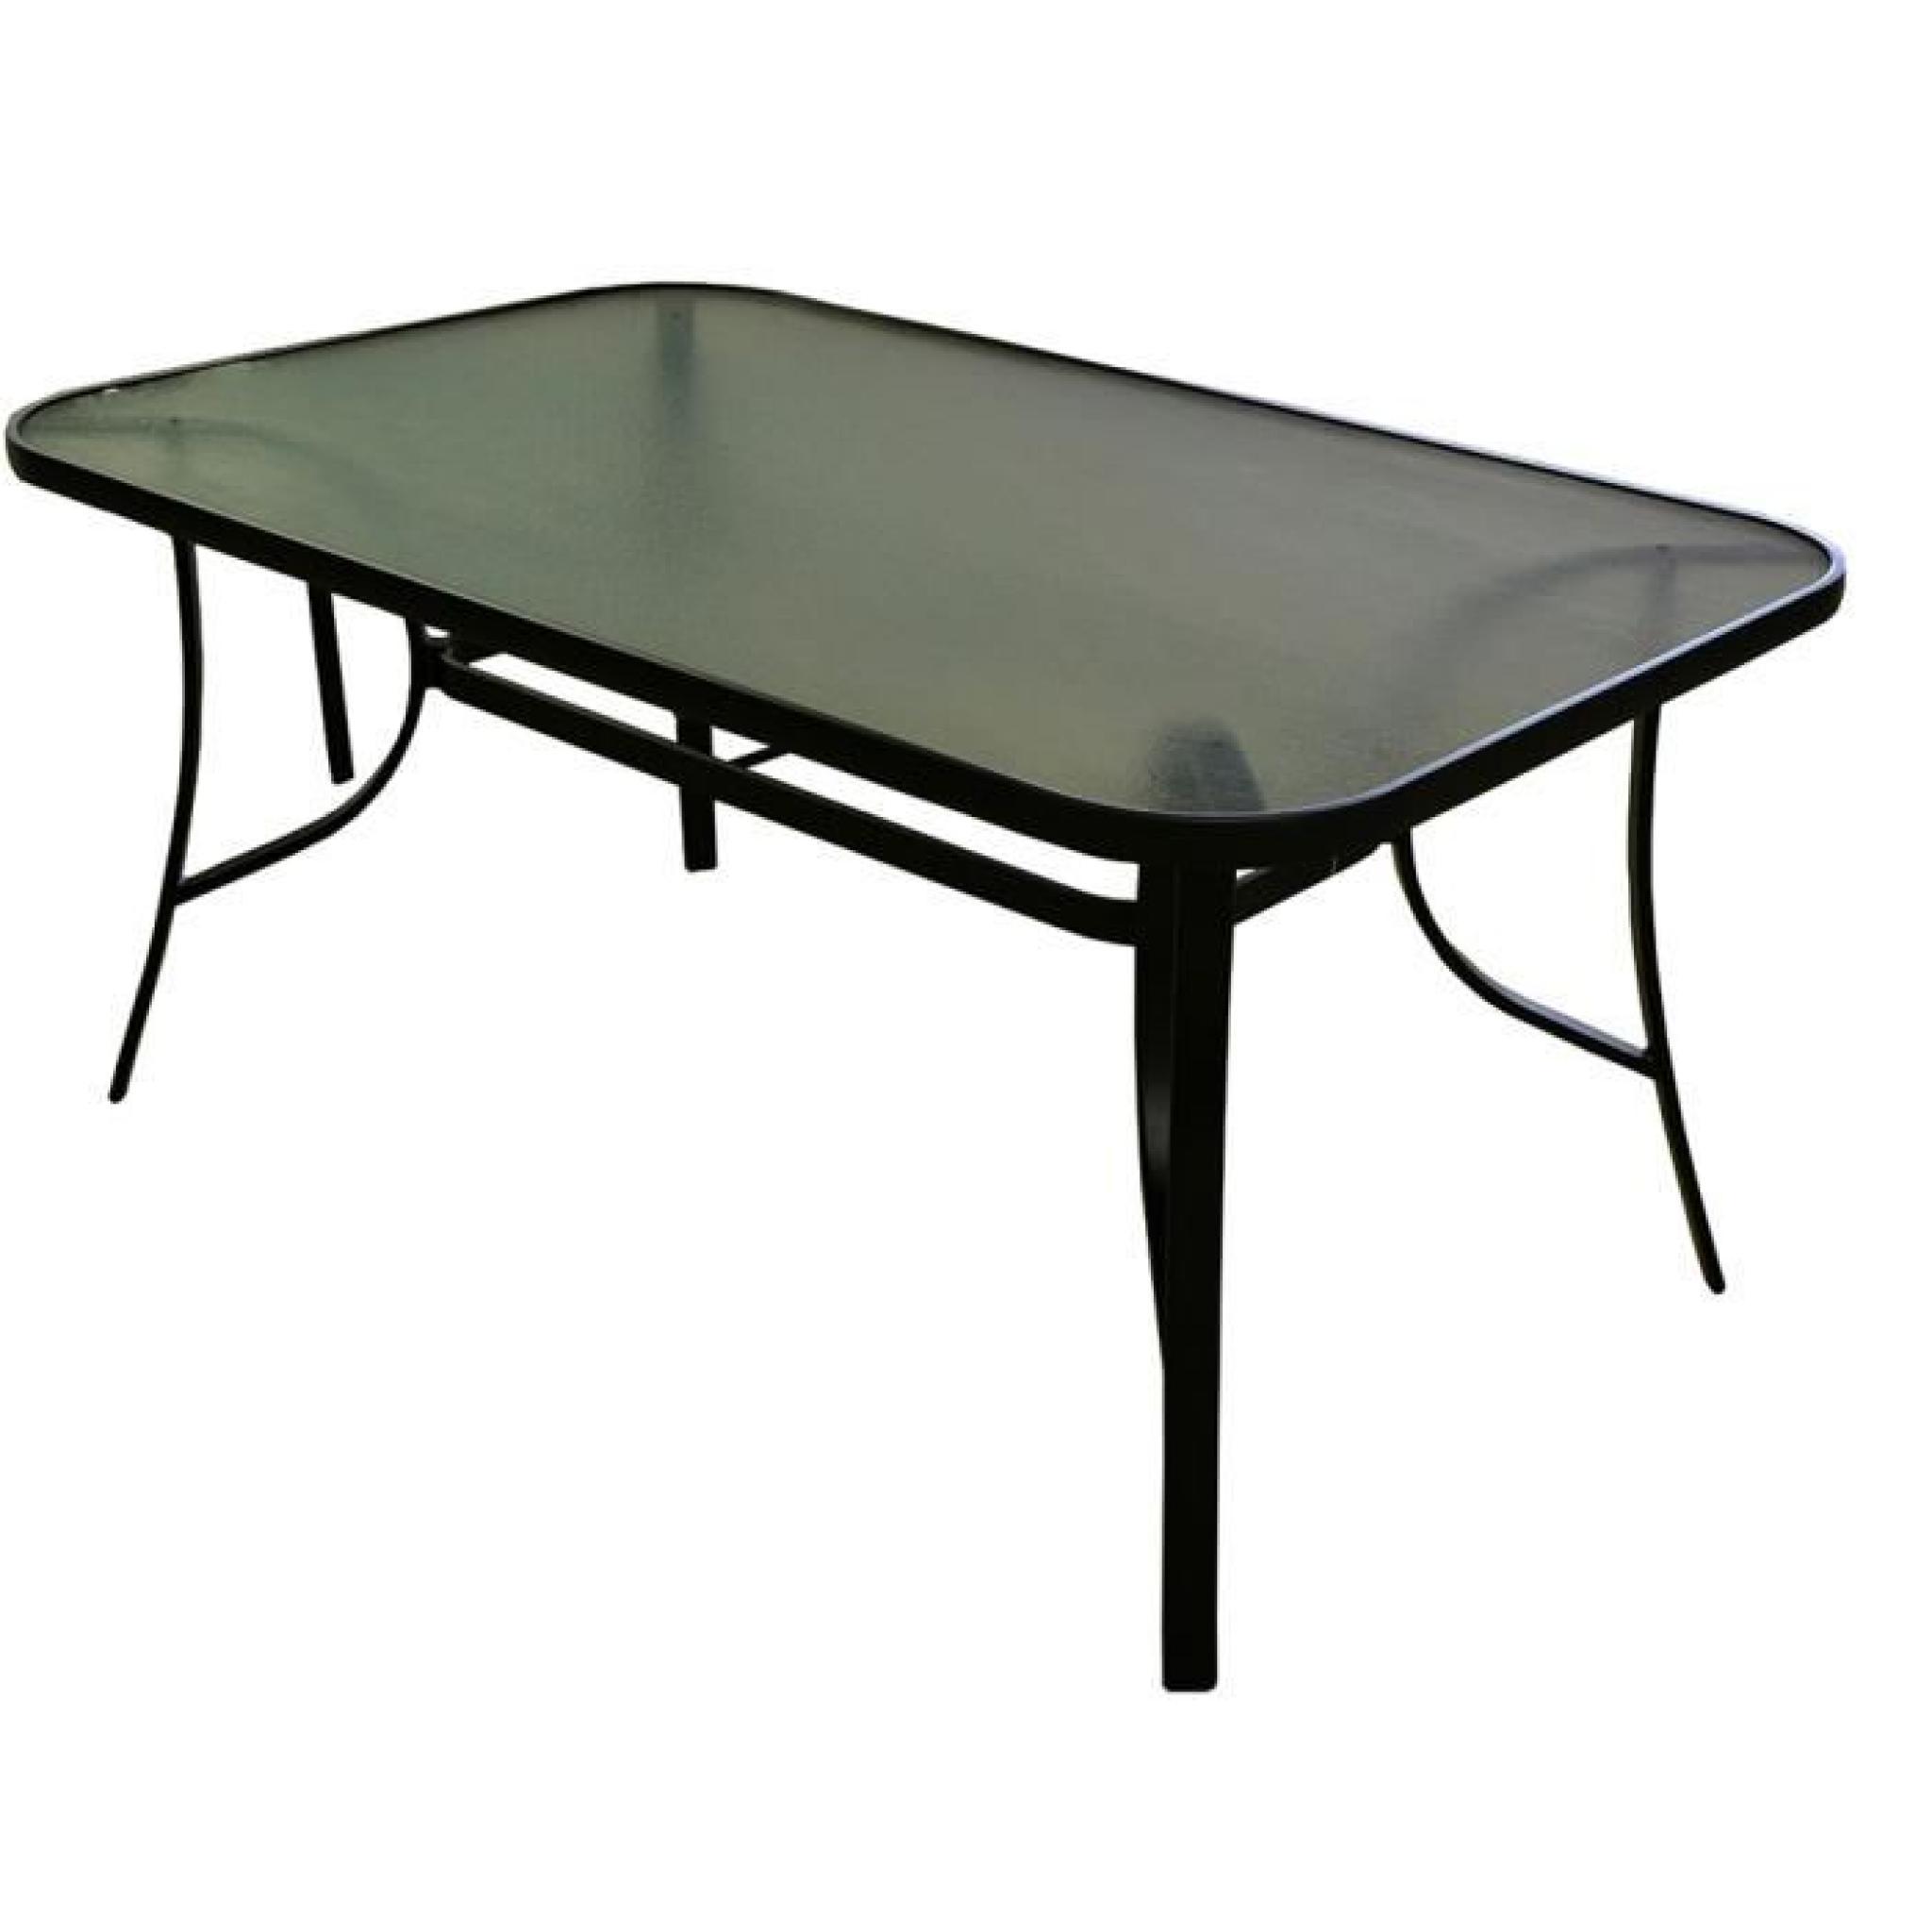 Table en aluminium gris anthracite avec plateau en verre tremp translucide dim 72 x 153 x - Table plateau verre trempe ...